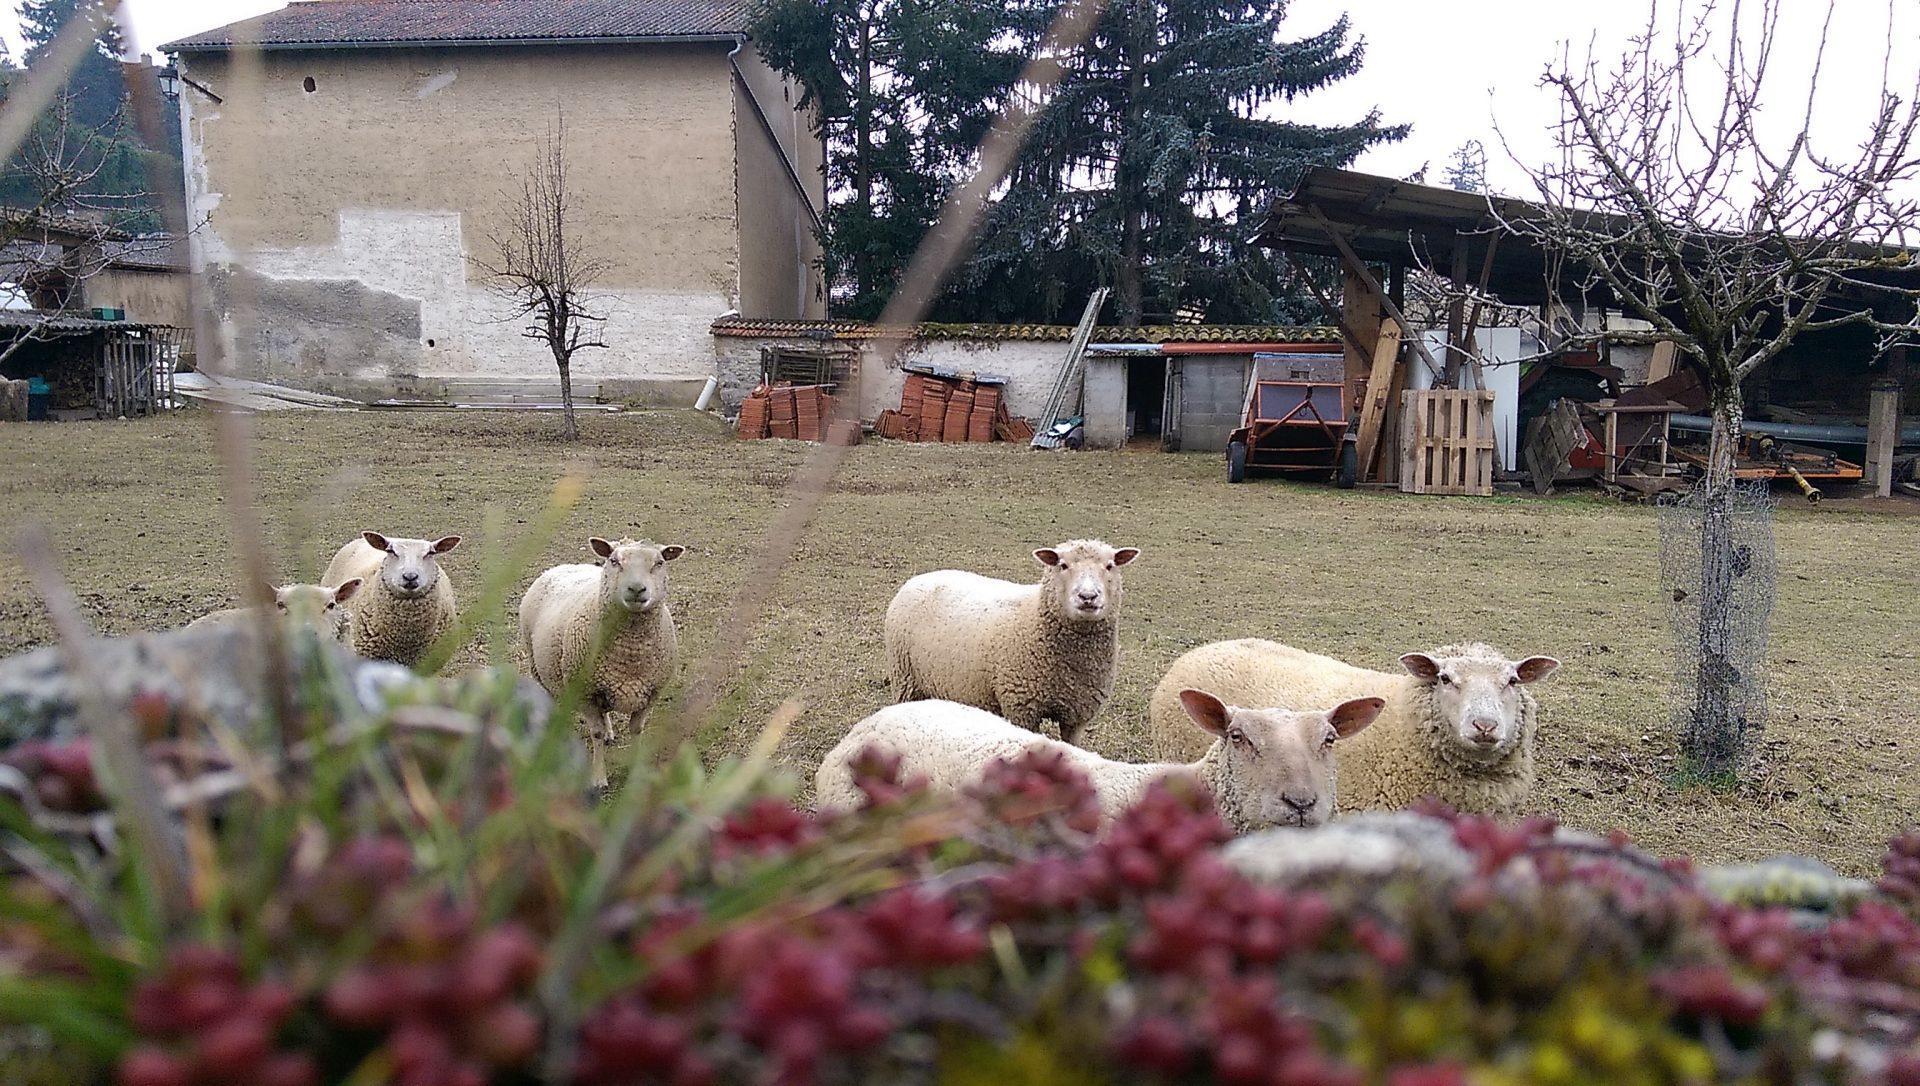 Très froid dehors mais très chaud dedans - Crédit photo izart.fr